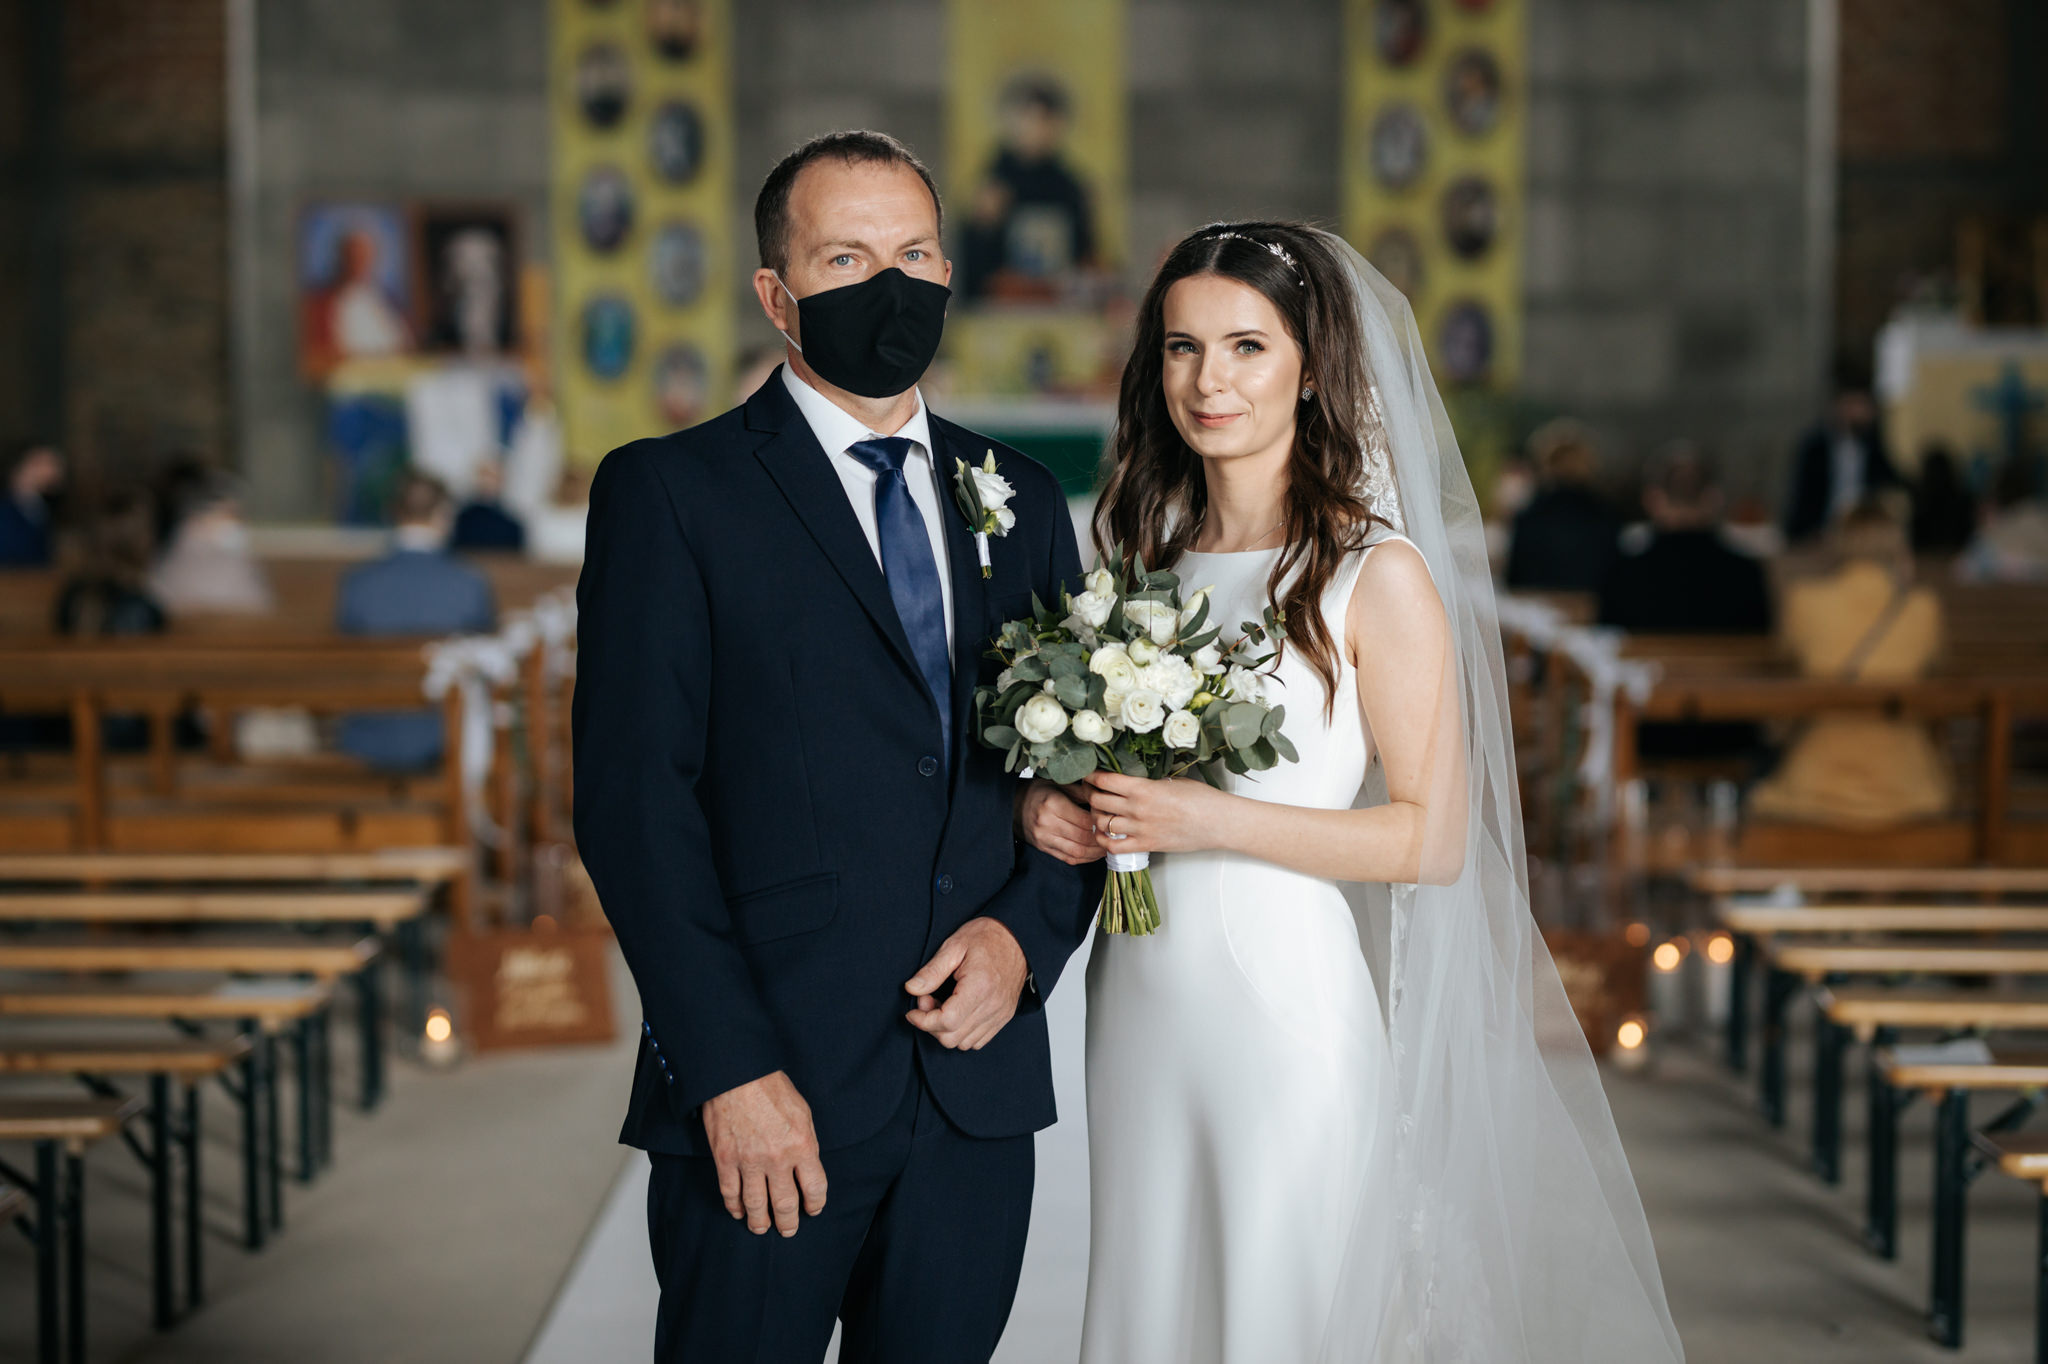 portret pani młodej z tatą w maseczce podczas ślubu w pandemii Fotograf ślubny Warszawa